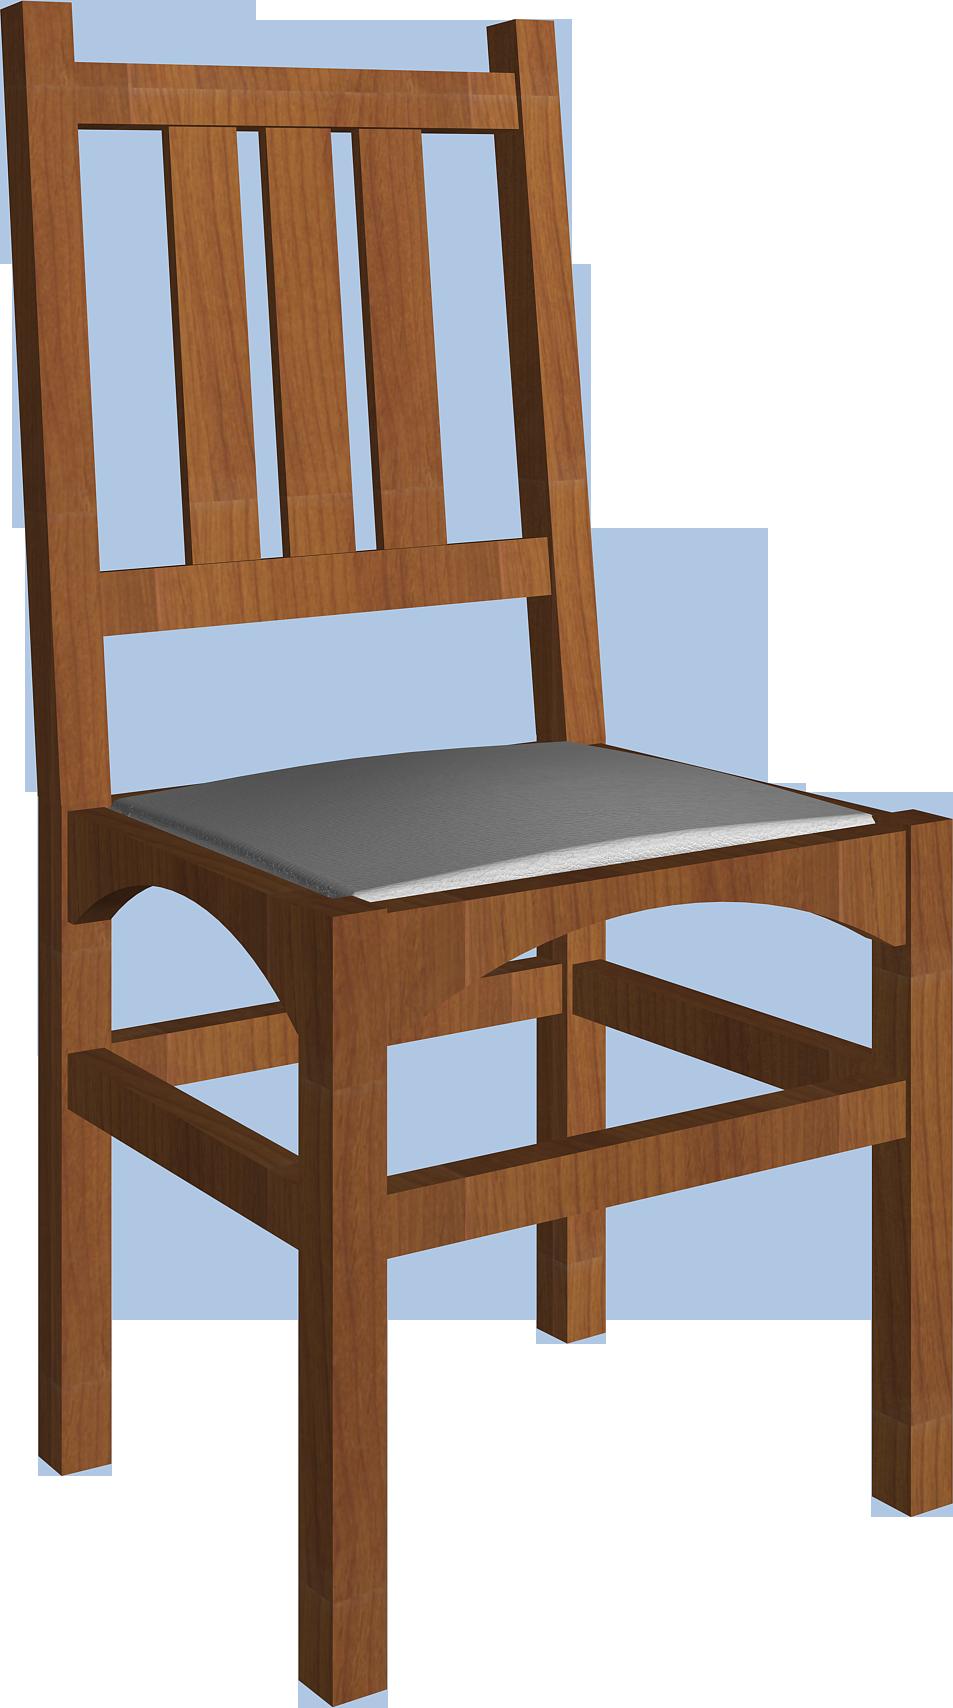 Stickley Chair 02